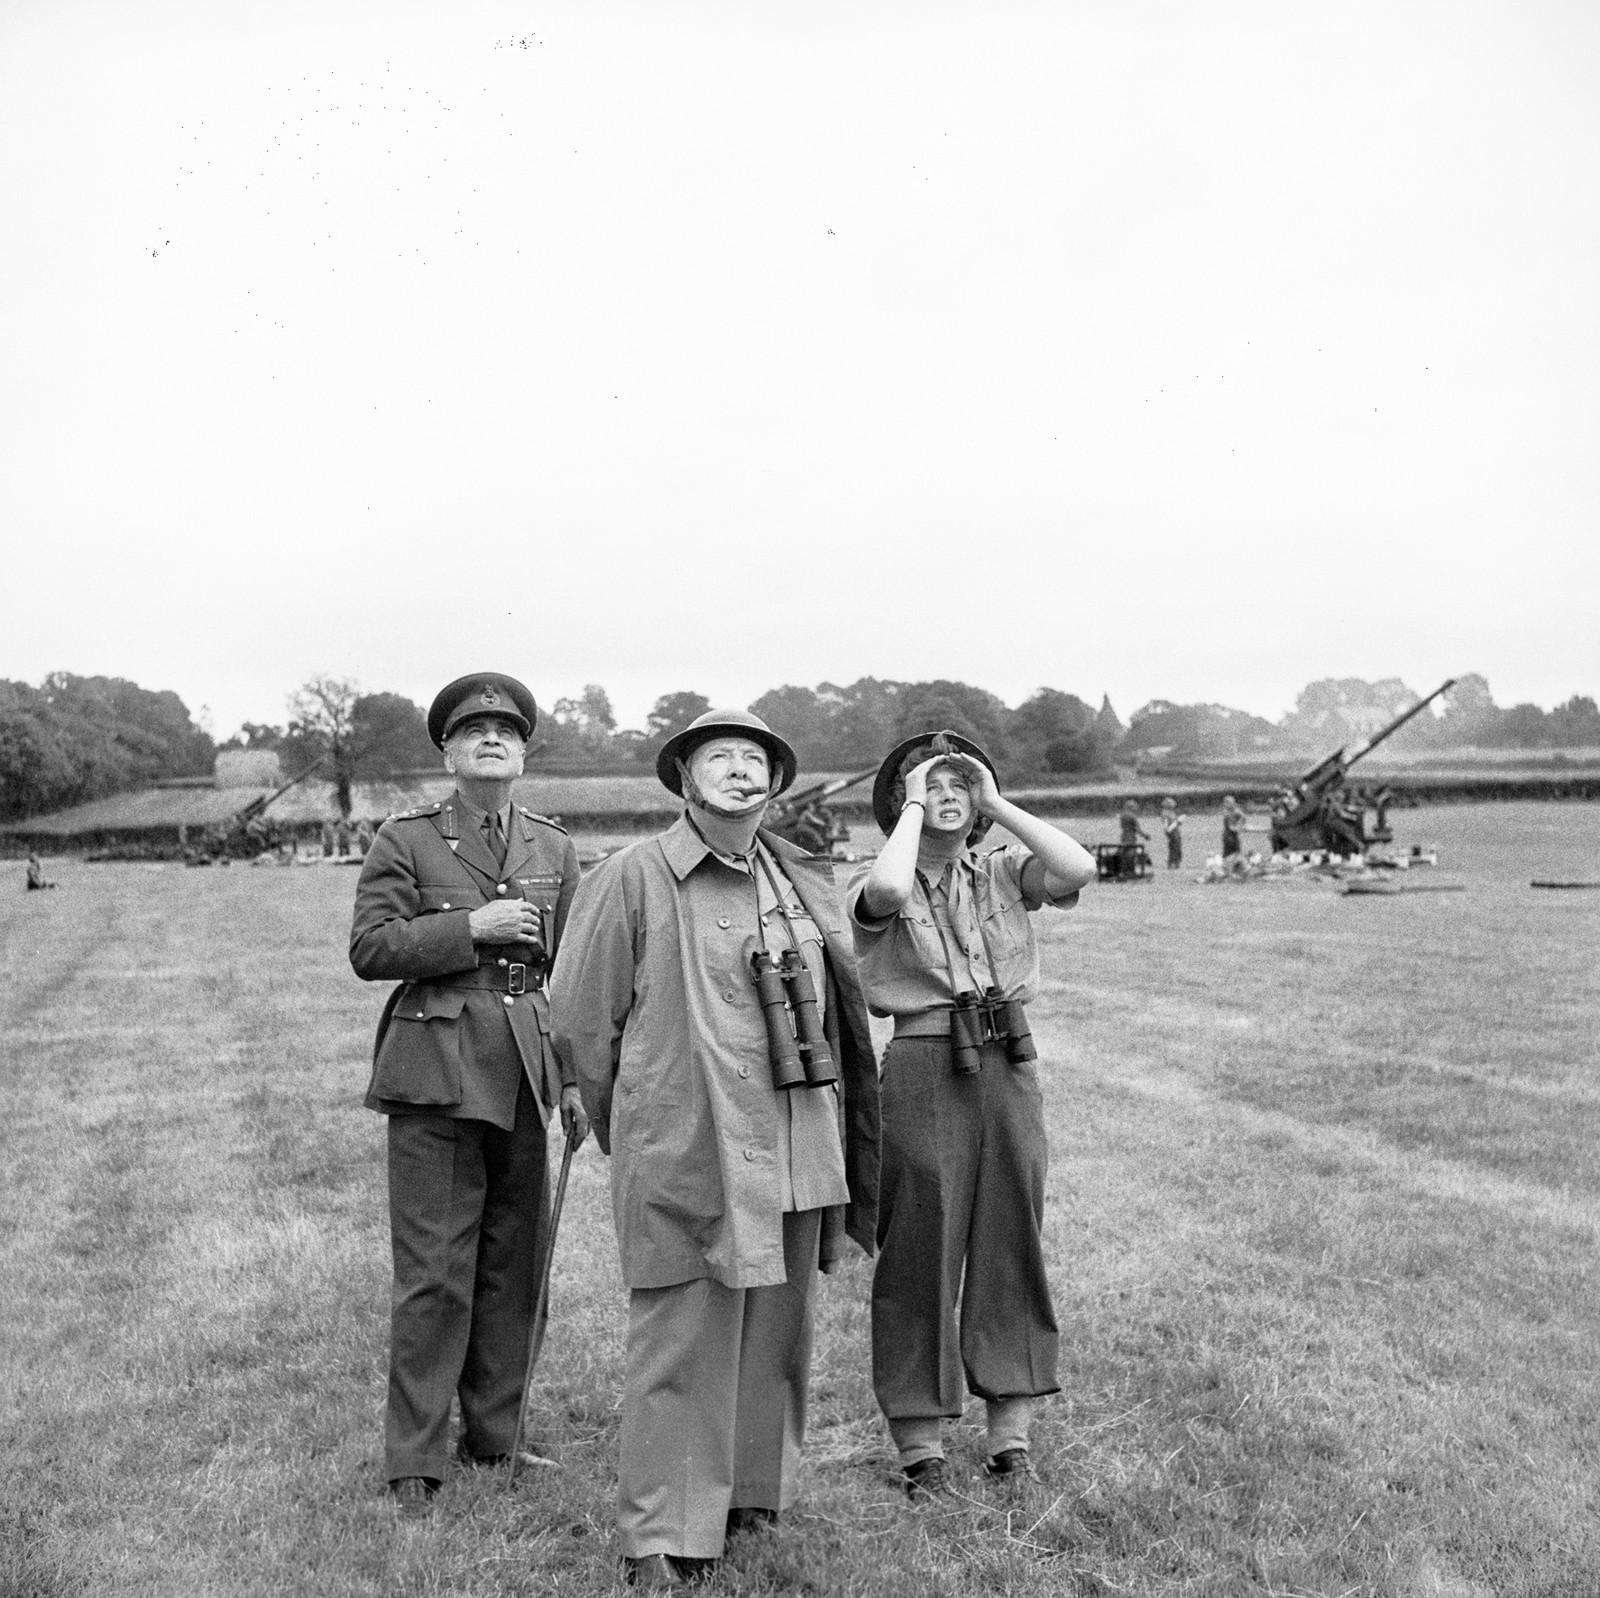 Statsminister Winston Churchill sammen med datteren Mary og general Sir Frederick Pile observerer anti-luftvern raketter mot tyskernes V1-bomber 30 juni 1944